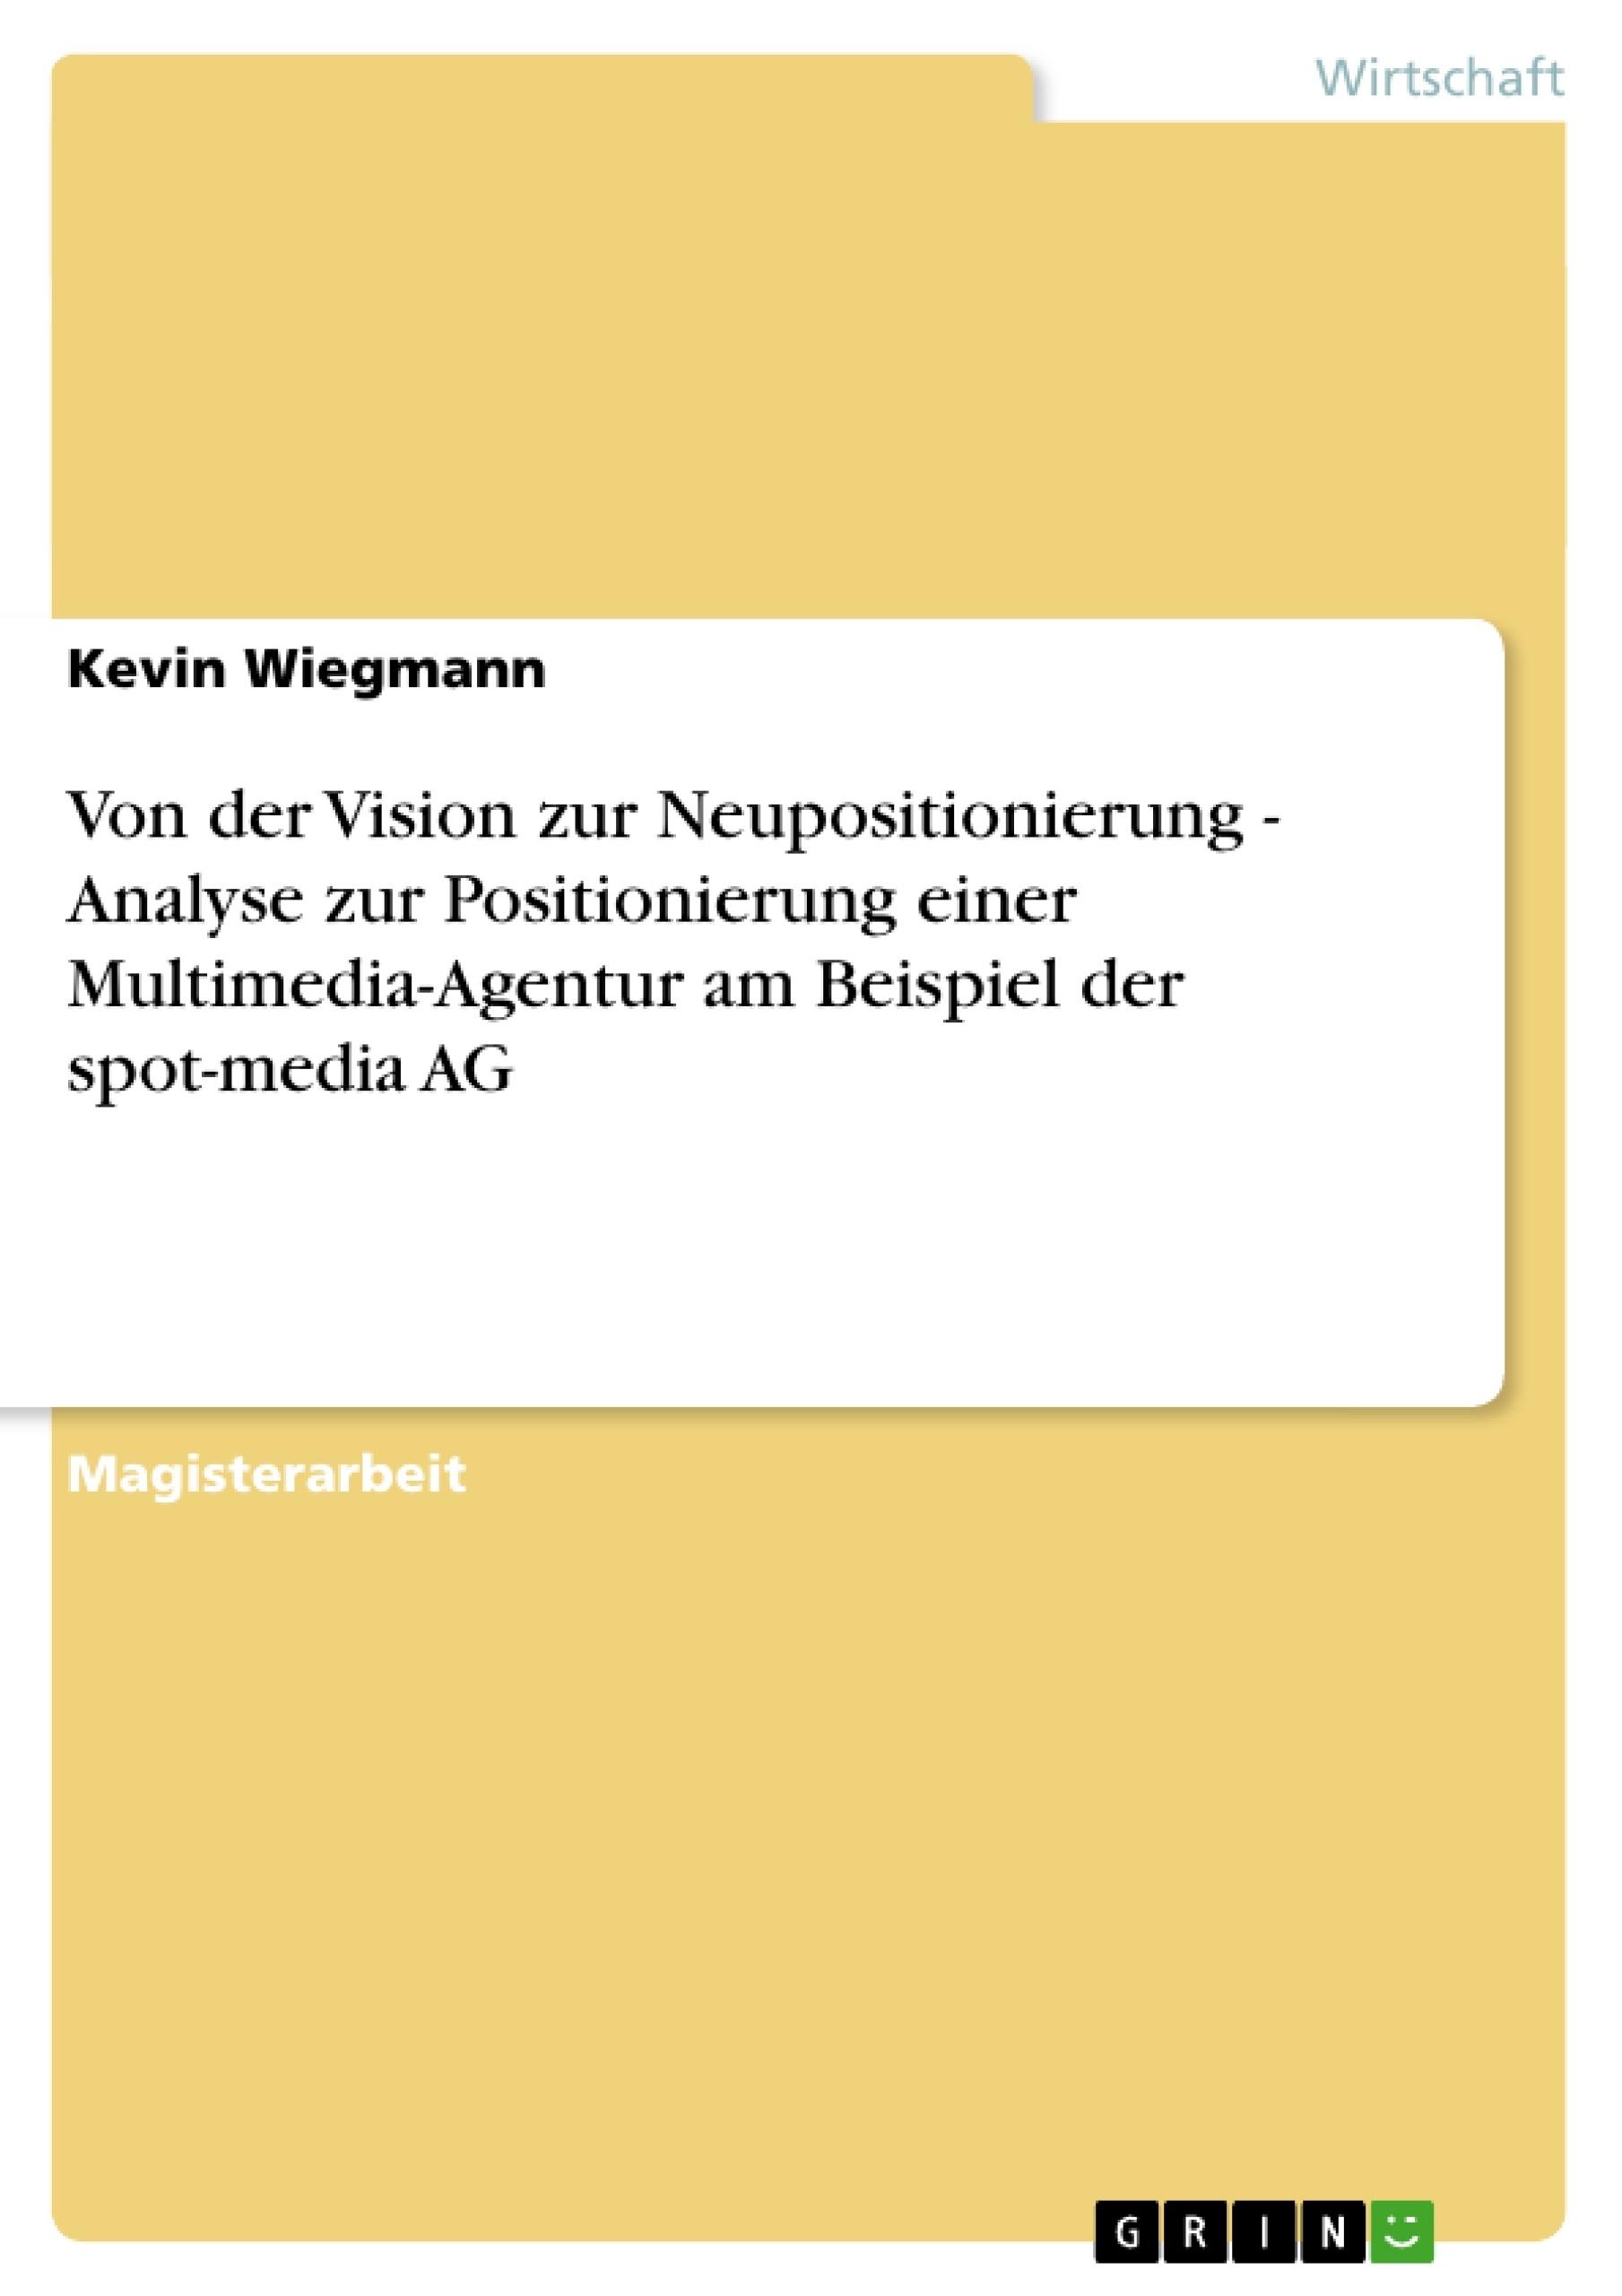 Titel: Von der Vision zur Neupositionierung - Analyse zur Positionierung einer Multimedia-Agentur am Beispiel der spot-media AG